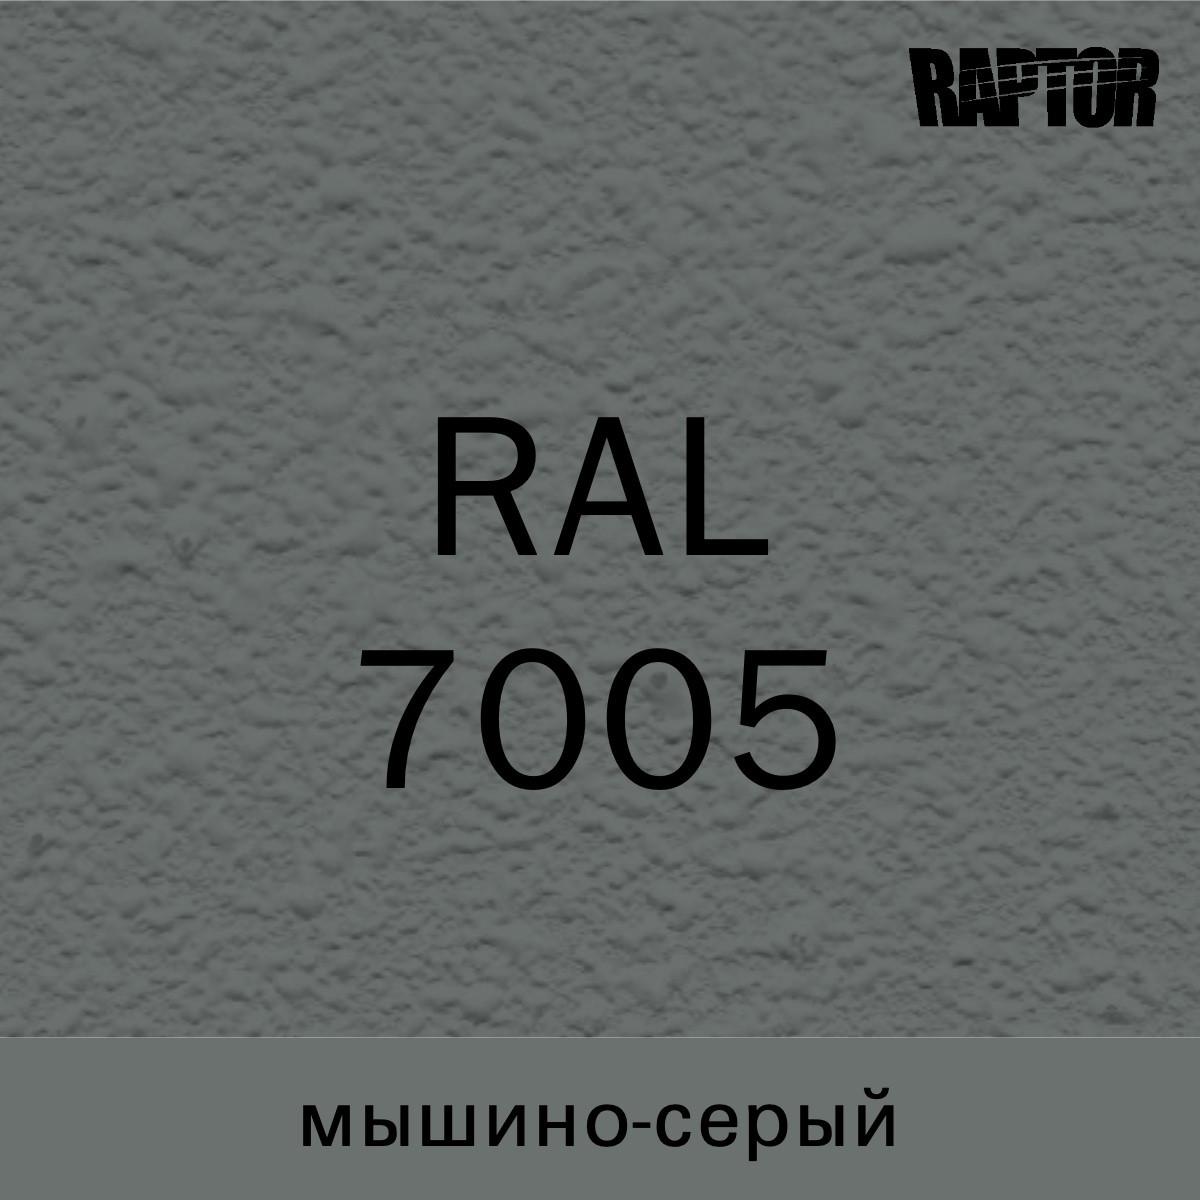 Пигмент для колеровки покрытия RAPTOR™ Мышино-серый (RAL 7005)